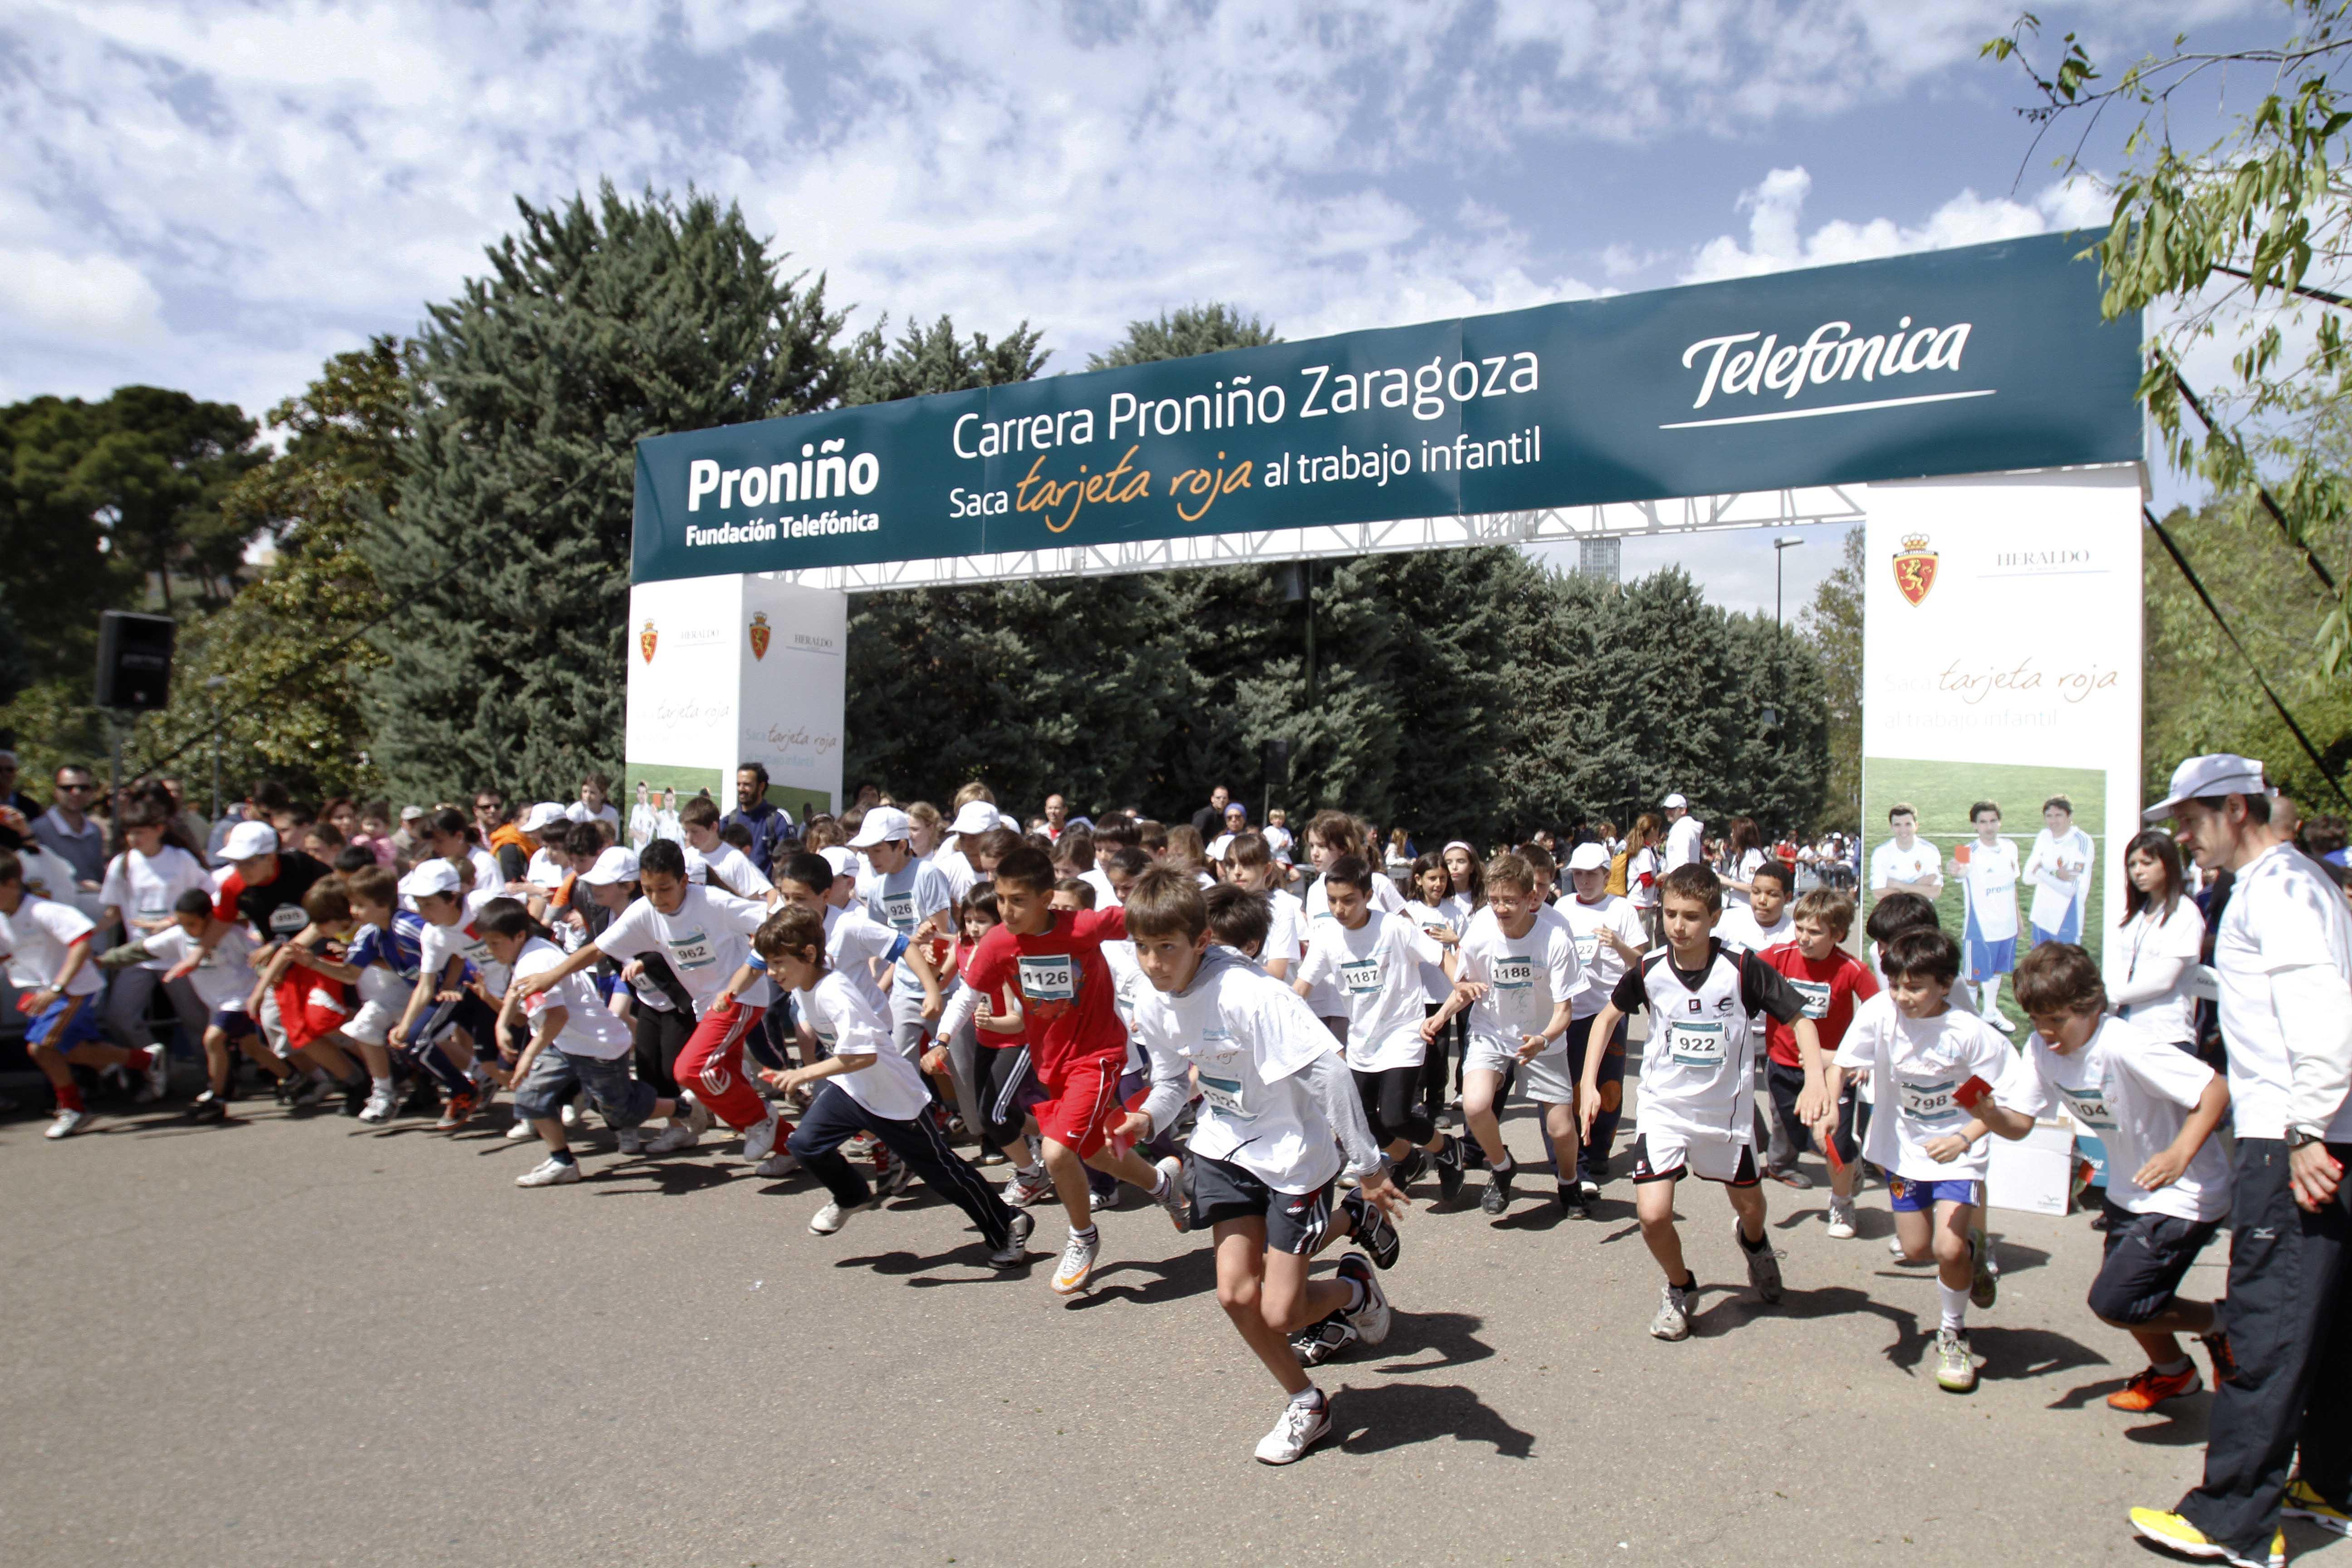 """Los ganadores de la I Carrera Proniño Zaragoza han sido Alejandro Santamaría (32´27""""), Luis Aranda Ferrández (32´52"""") y Daniel Galindo Esque (33´06"""") en categoría absoluta masculina. En categoría absoluta femenina, las ganadoras han sido Marisa Casanueva Cabrero (36´07""""), María Llorens Eizaguerri (39´09"""") y Lola Chico Perles (42´41"""")"""